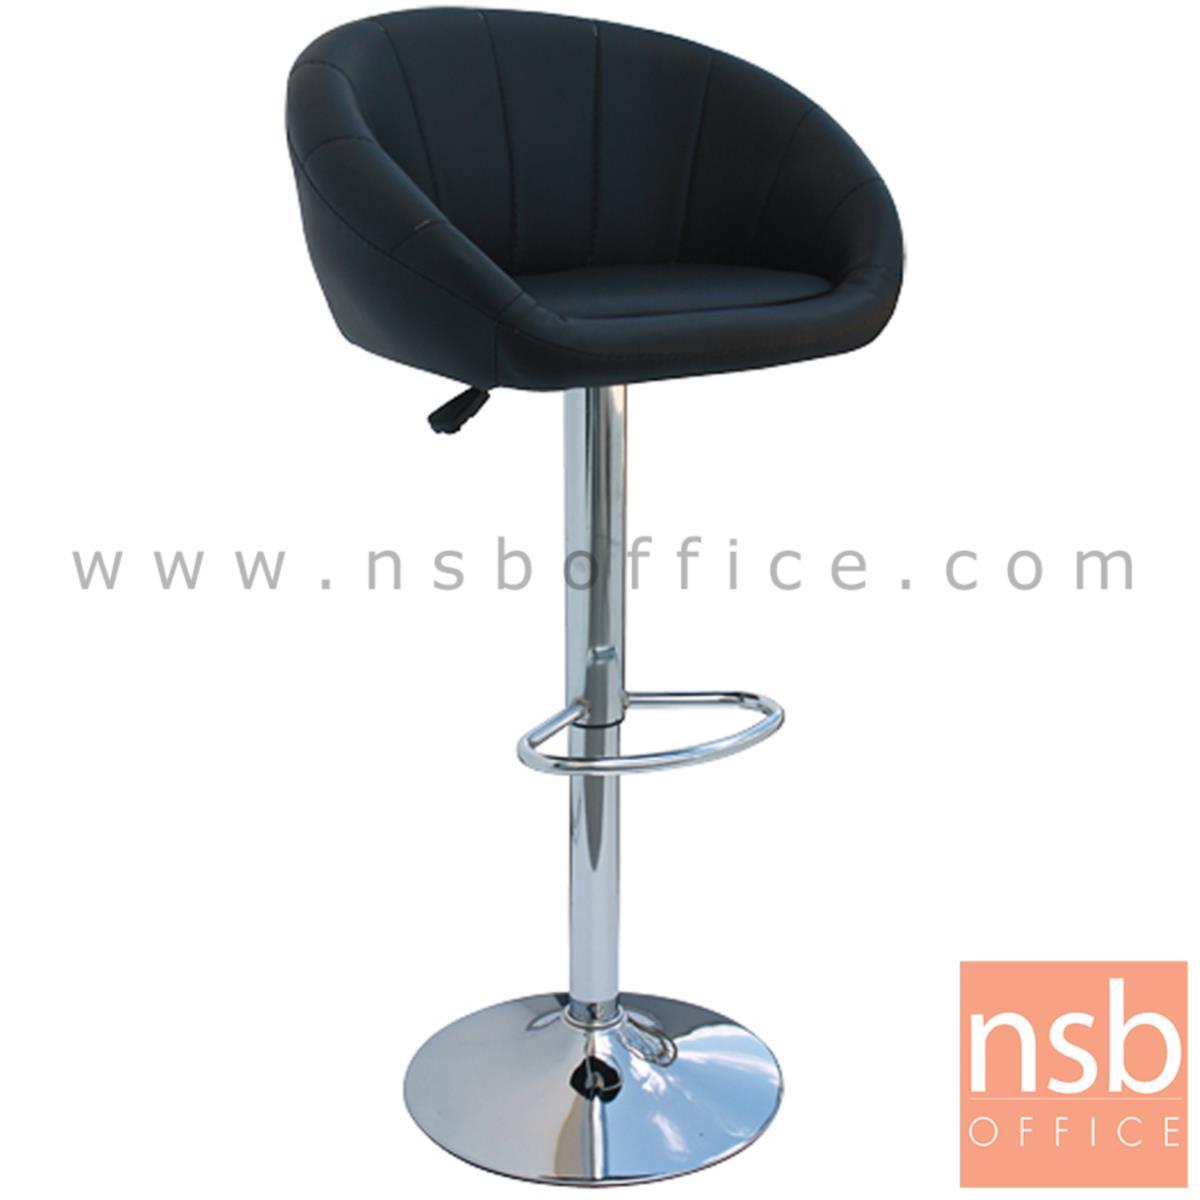 B18A067:เก้าอี้บาร์สูงหนังเทียม รุ่น Pop (ป๊อป)  โช๊คแก๊ส ขาโครเมี่ยมฐานจานกลม